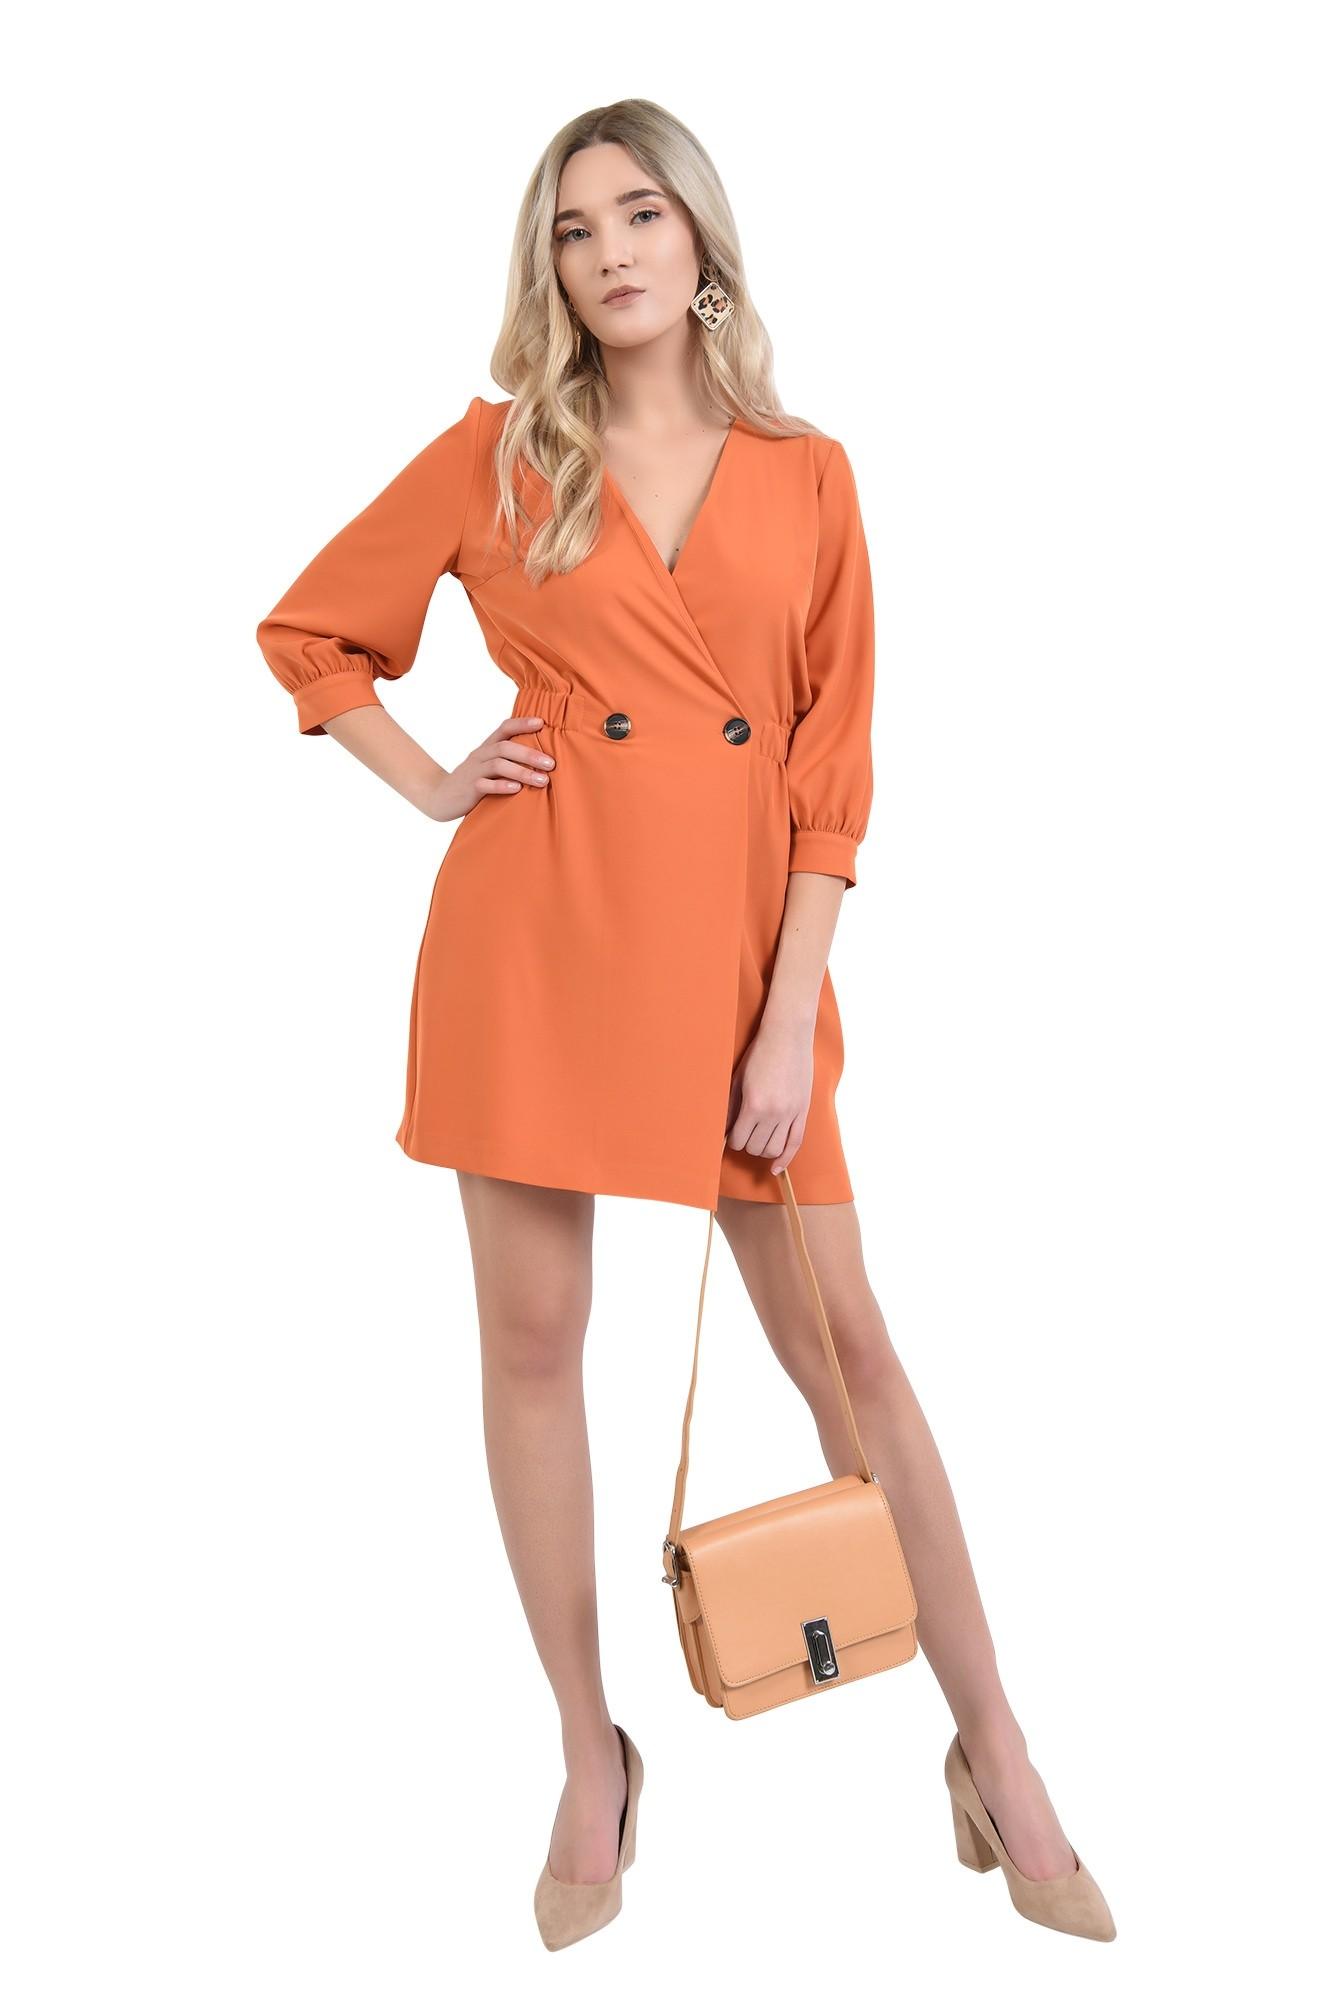 rochie orange, mini, anchior petrecut, inchidere la doi nasturi